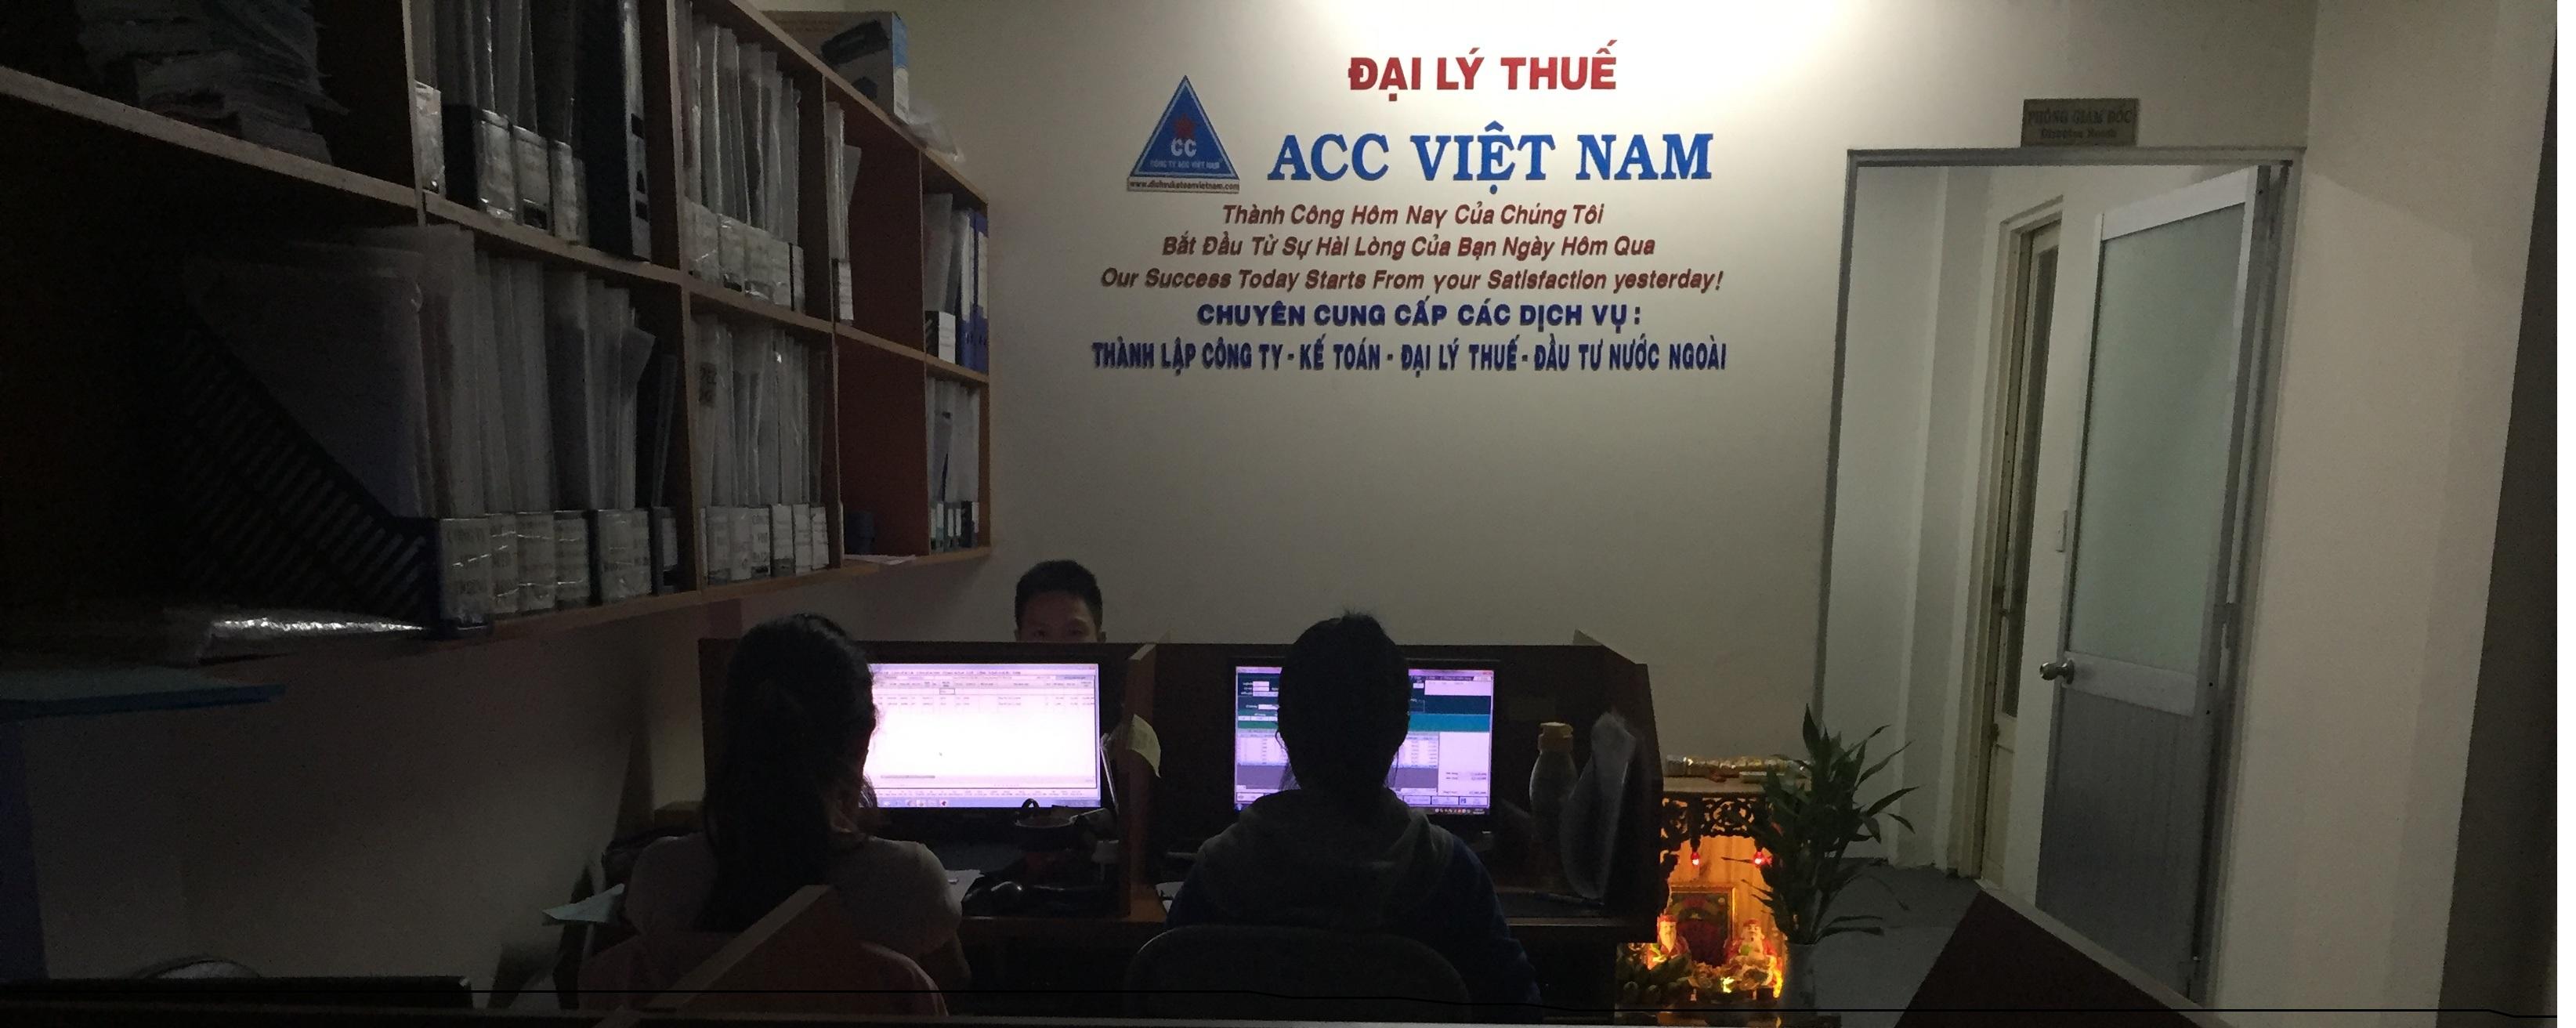 Giới thiệu về ACC Việt Nam